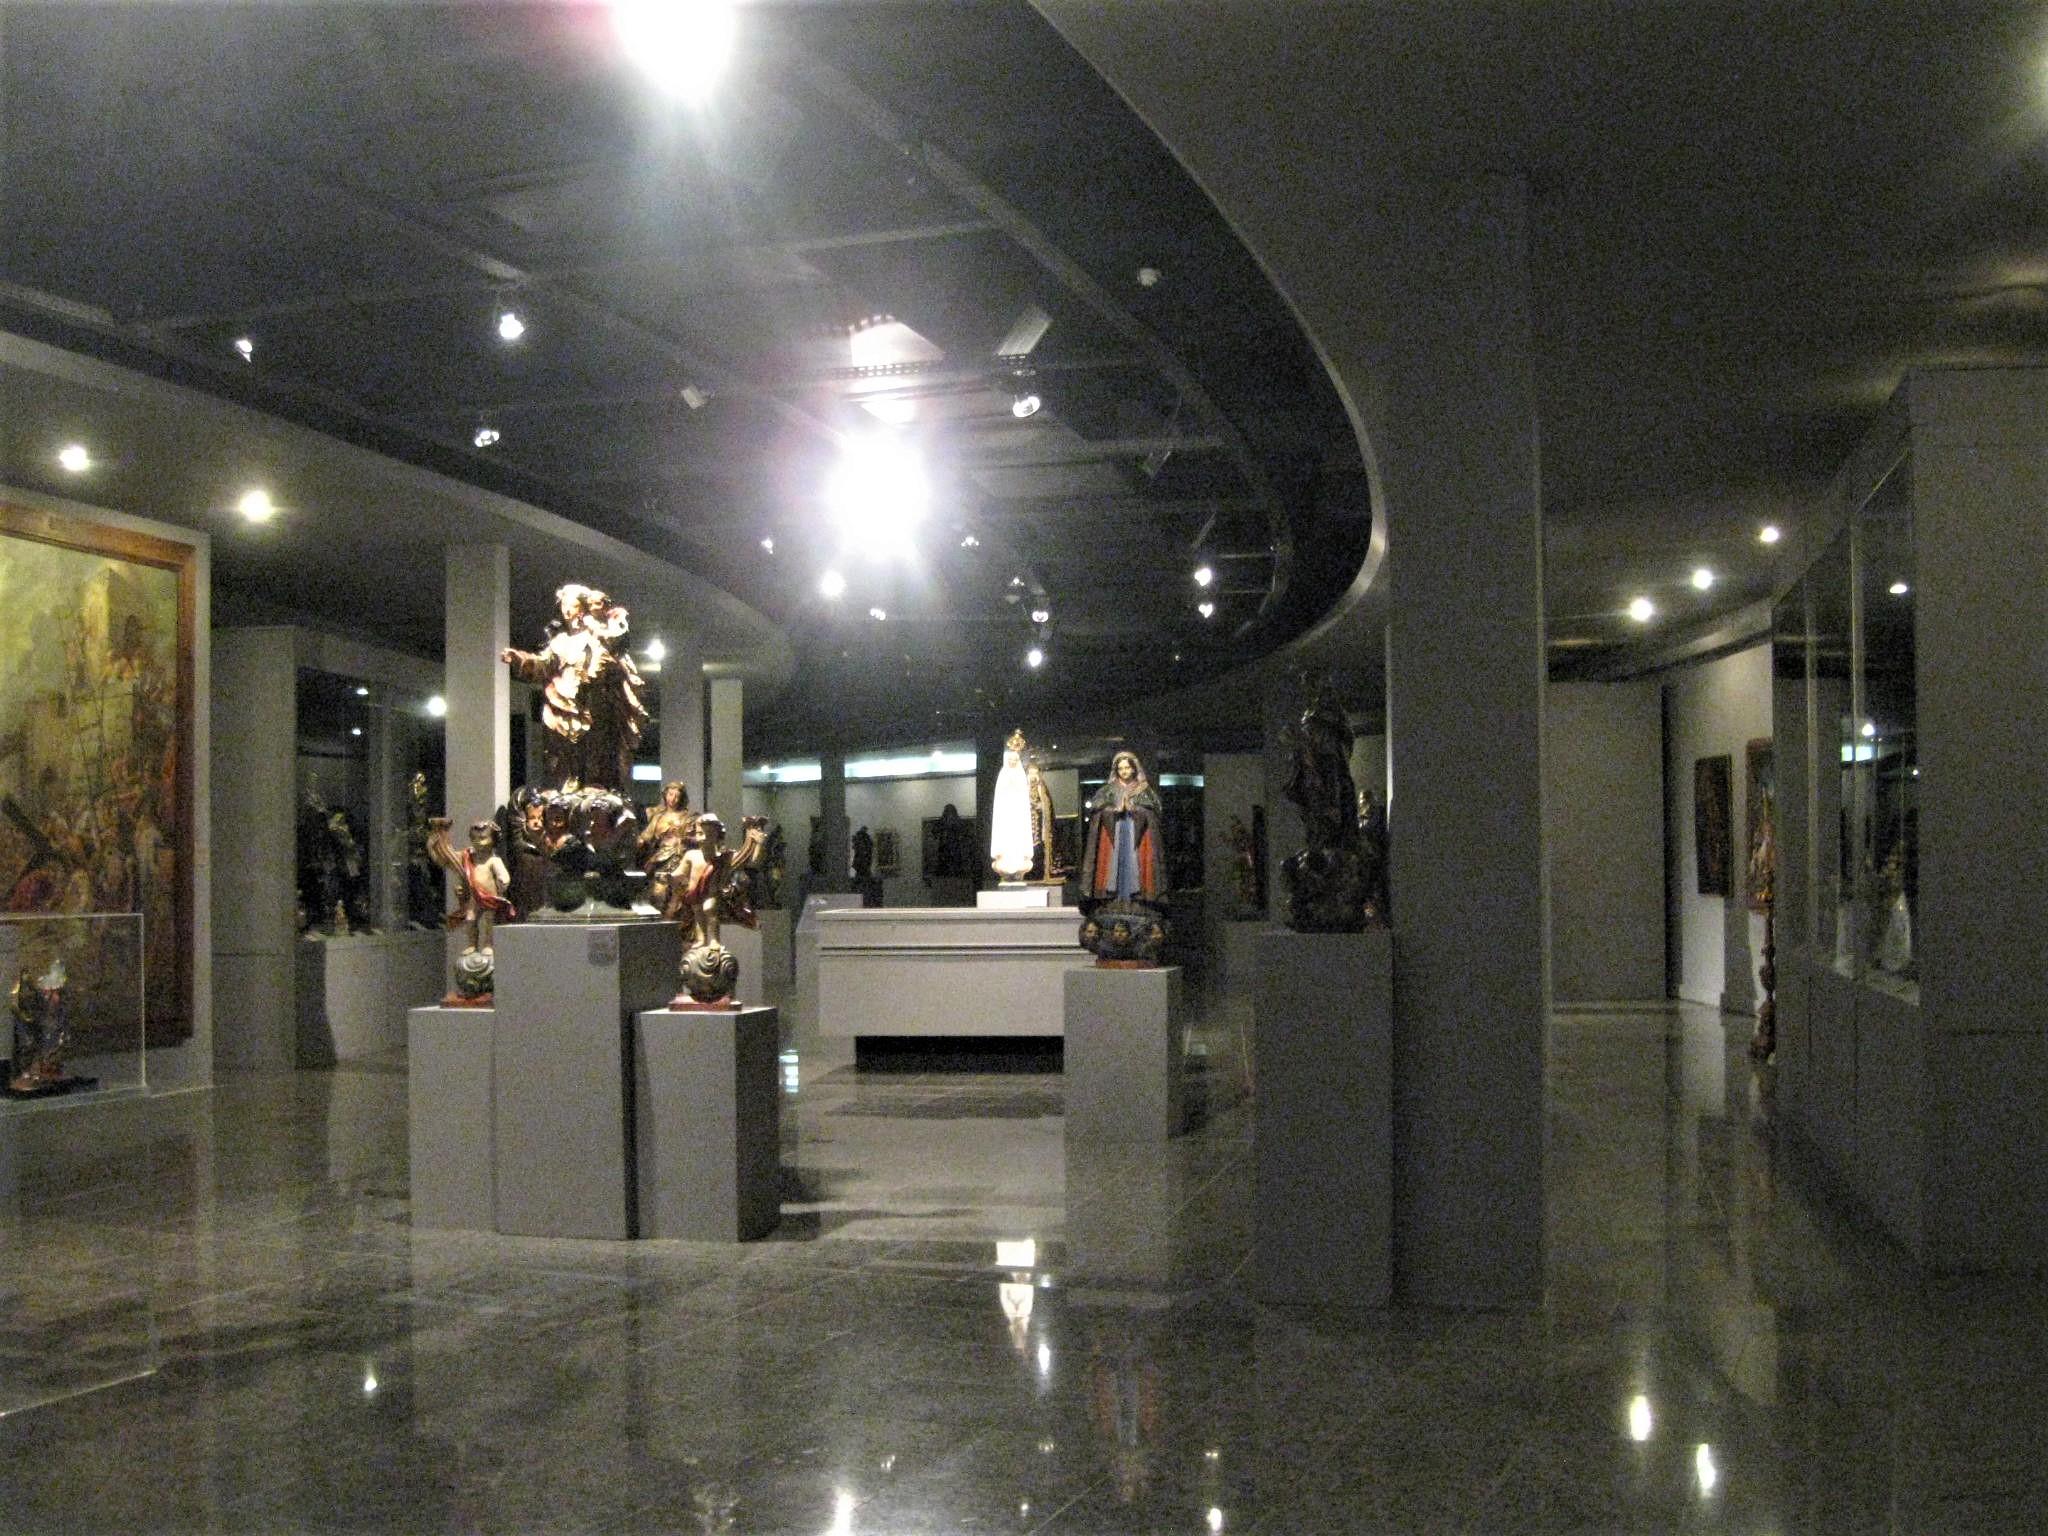 MUSEU ARQUIDIOCESANO DE ARTE SACRA INTERIOR